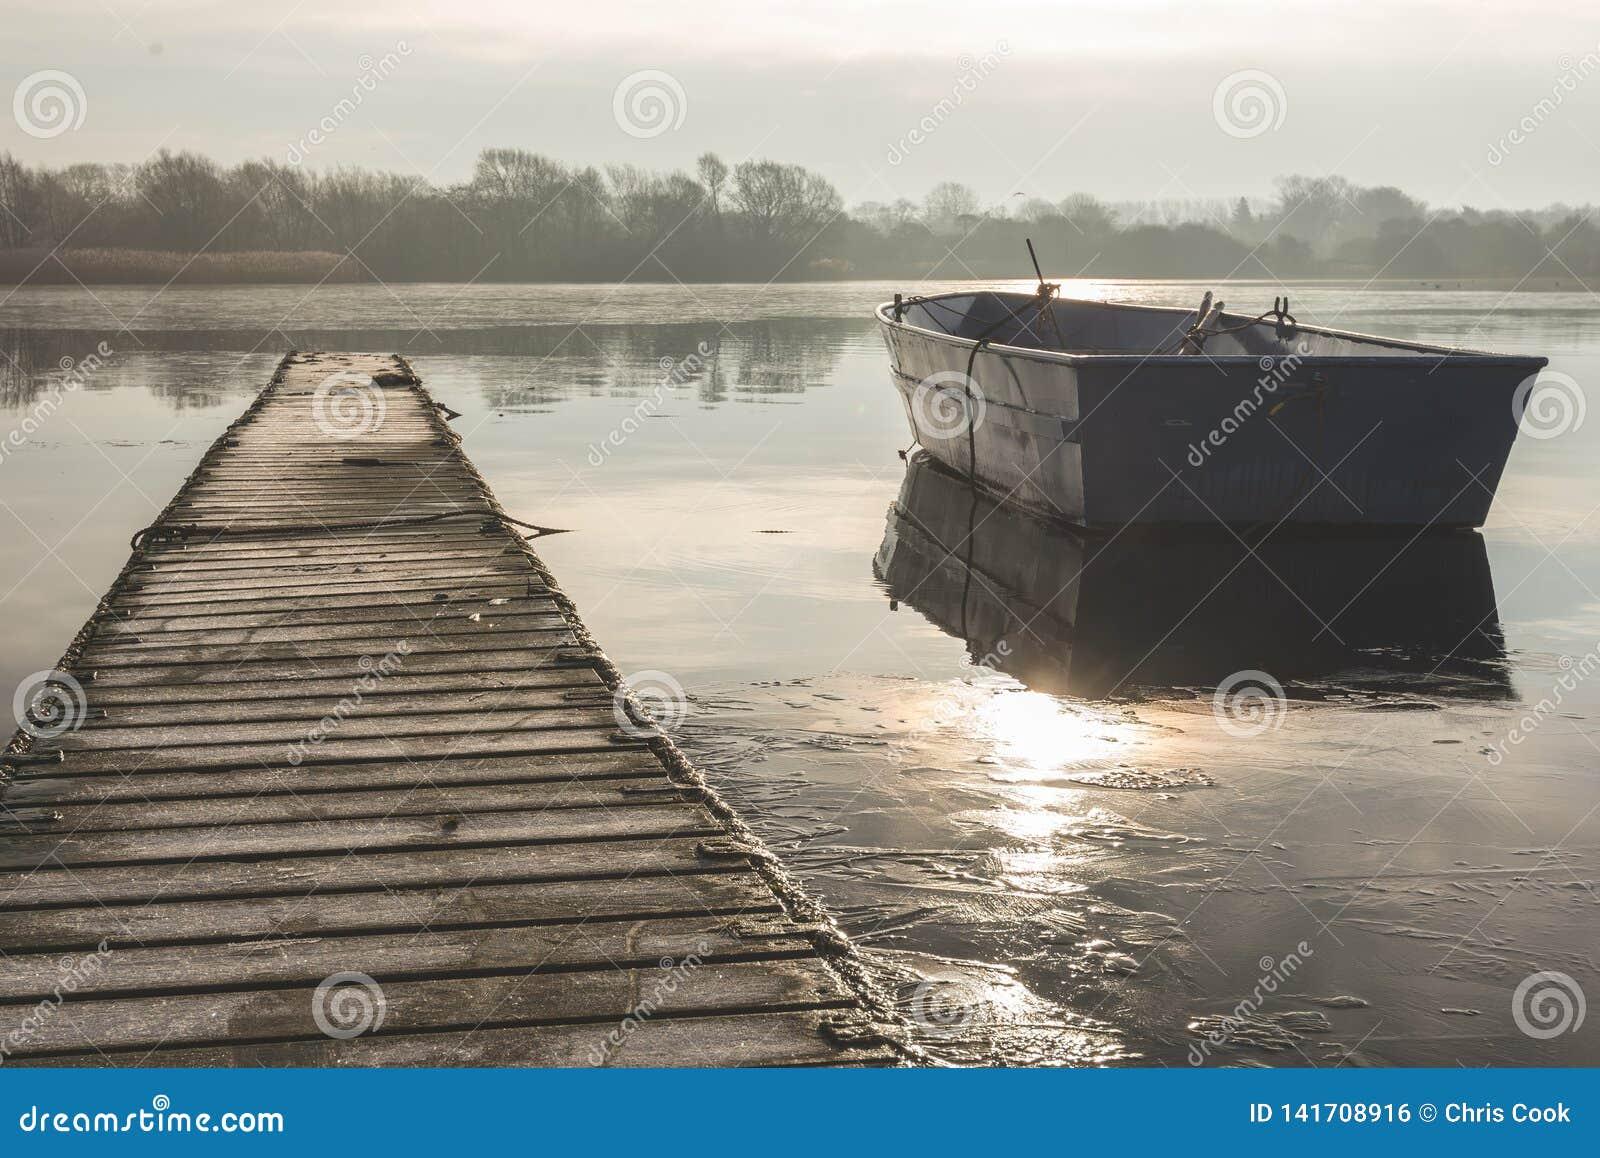 Un barco que rema flota a la deriva en un lago congelado al lado de una calzada vacía